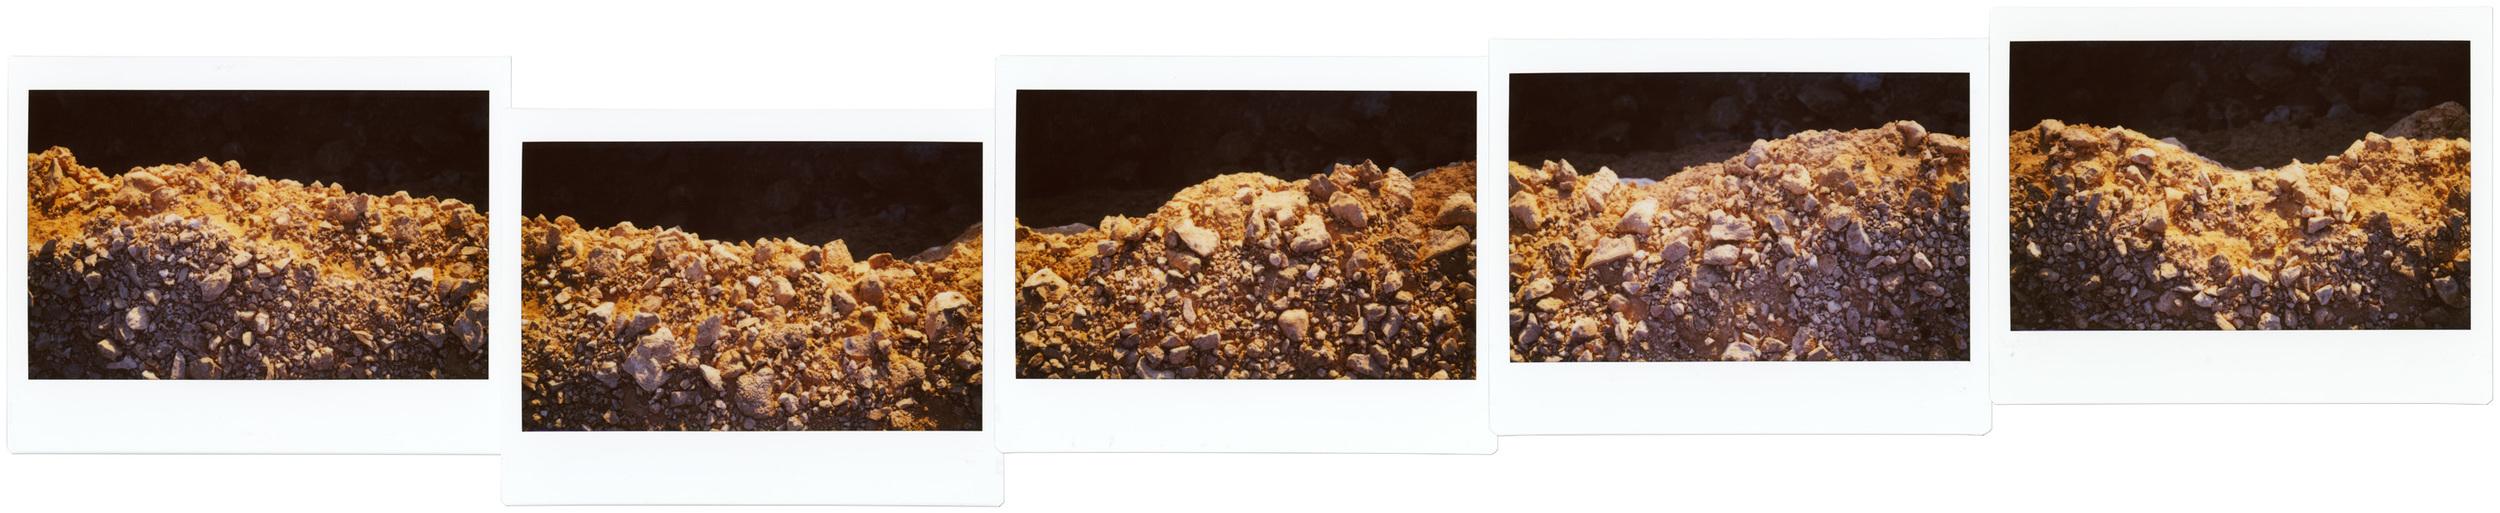 Precipice Study // Michael Heizer's Double Negative, Nevada